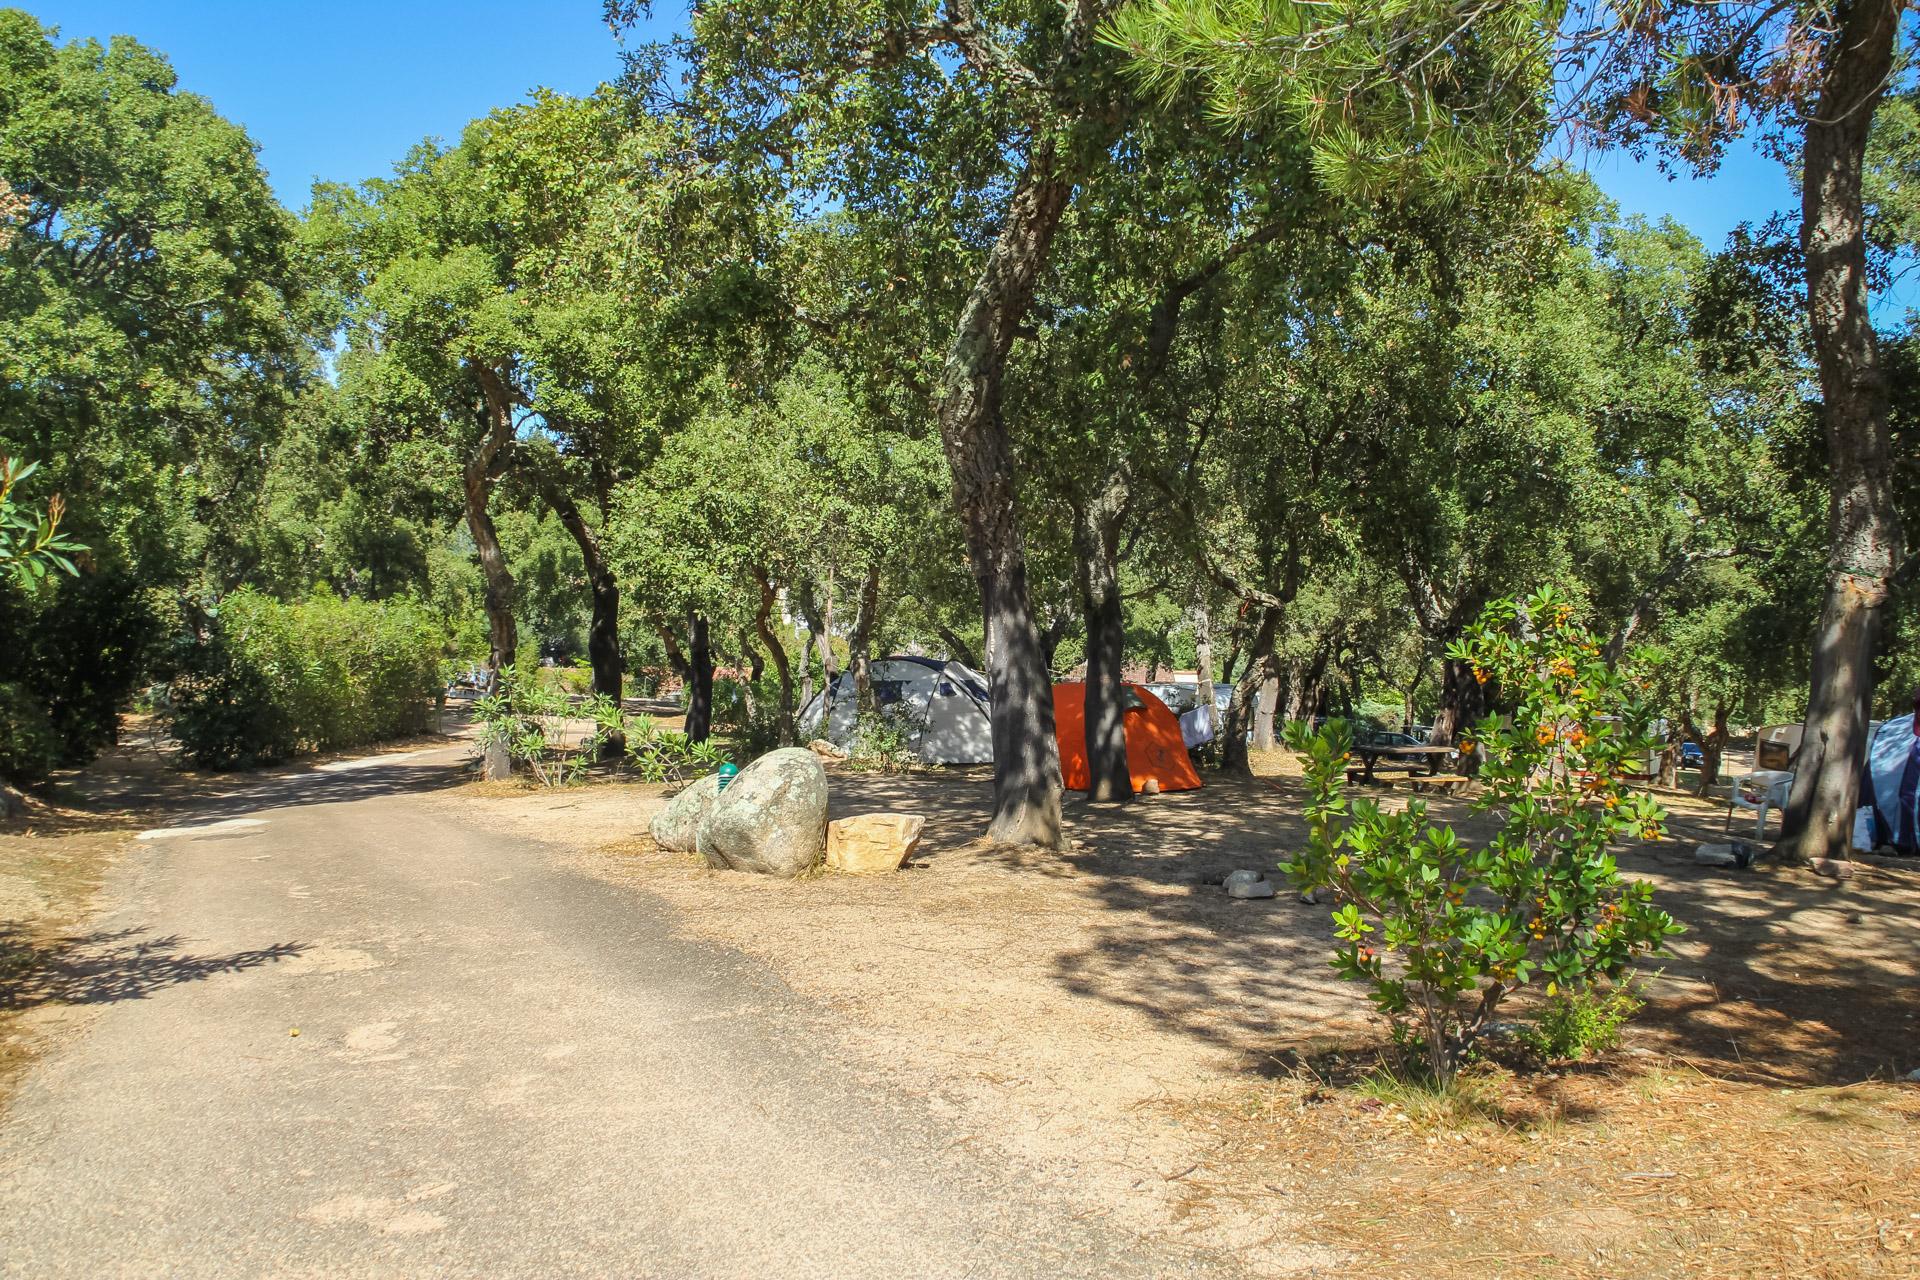 Camping La Matonara